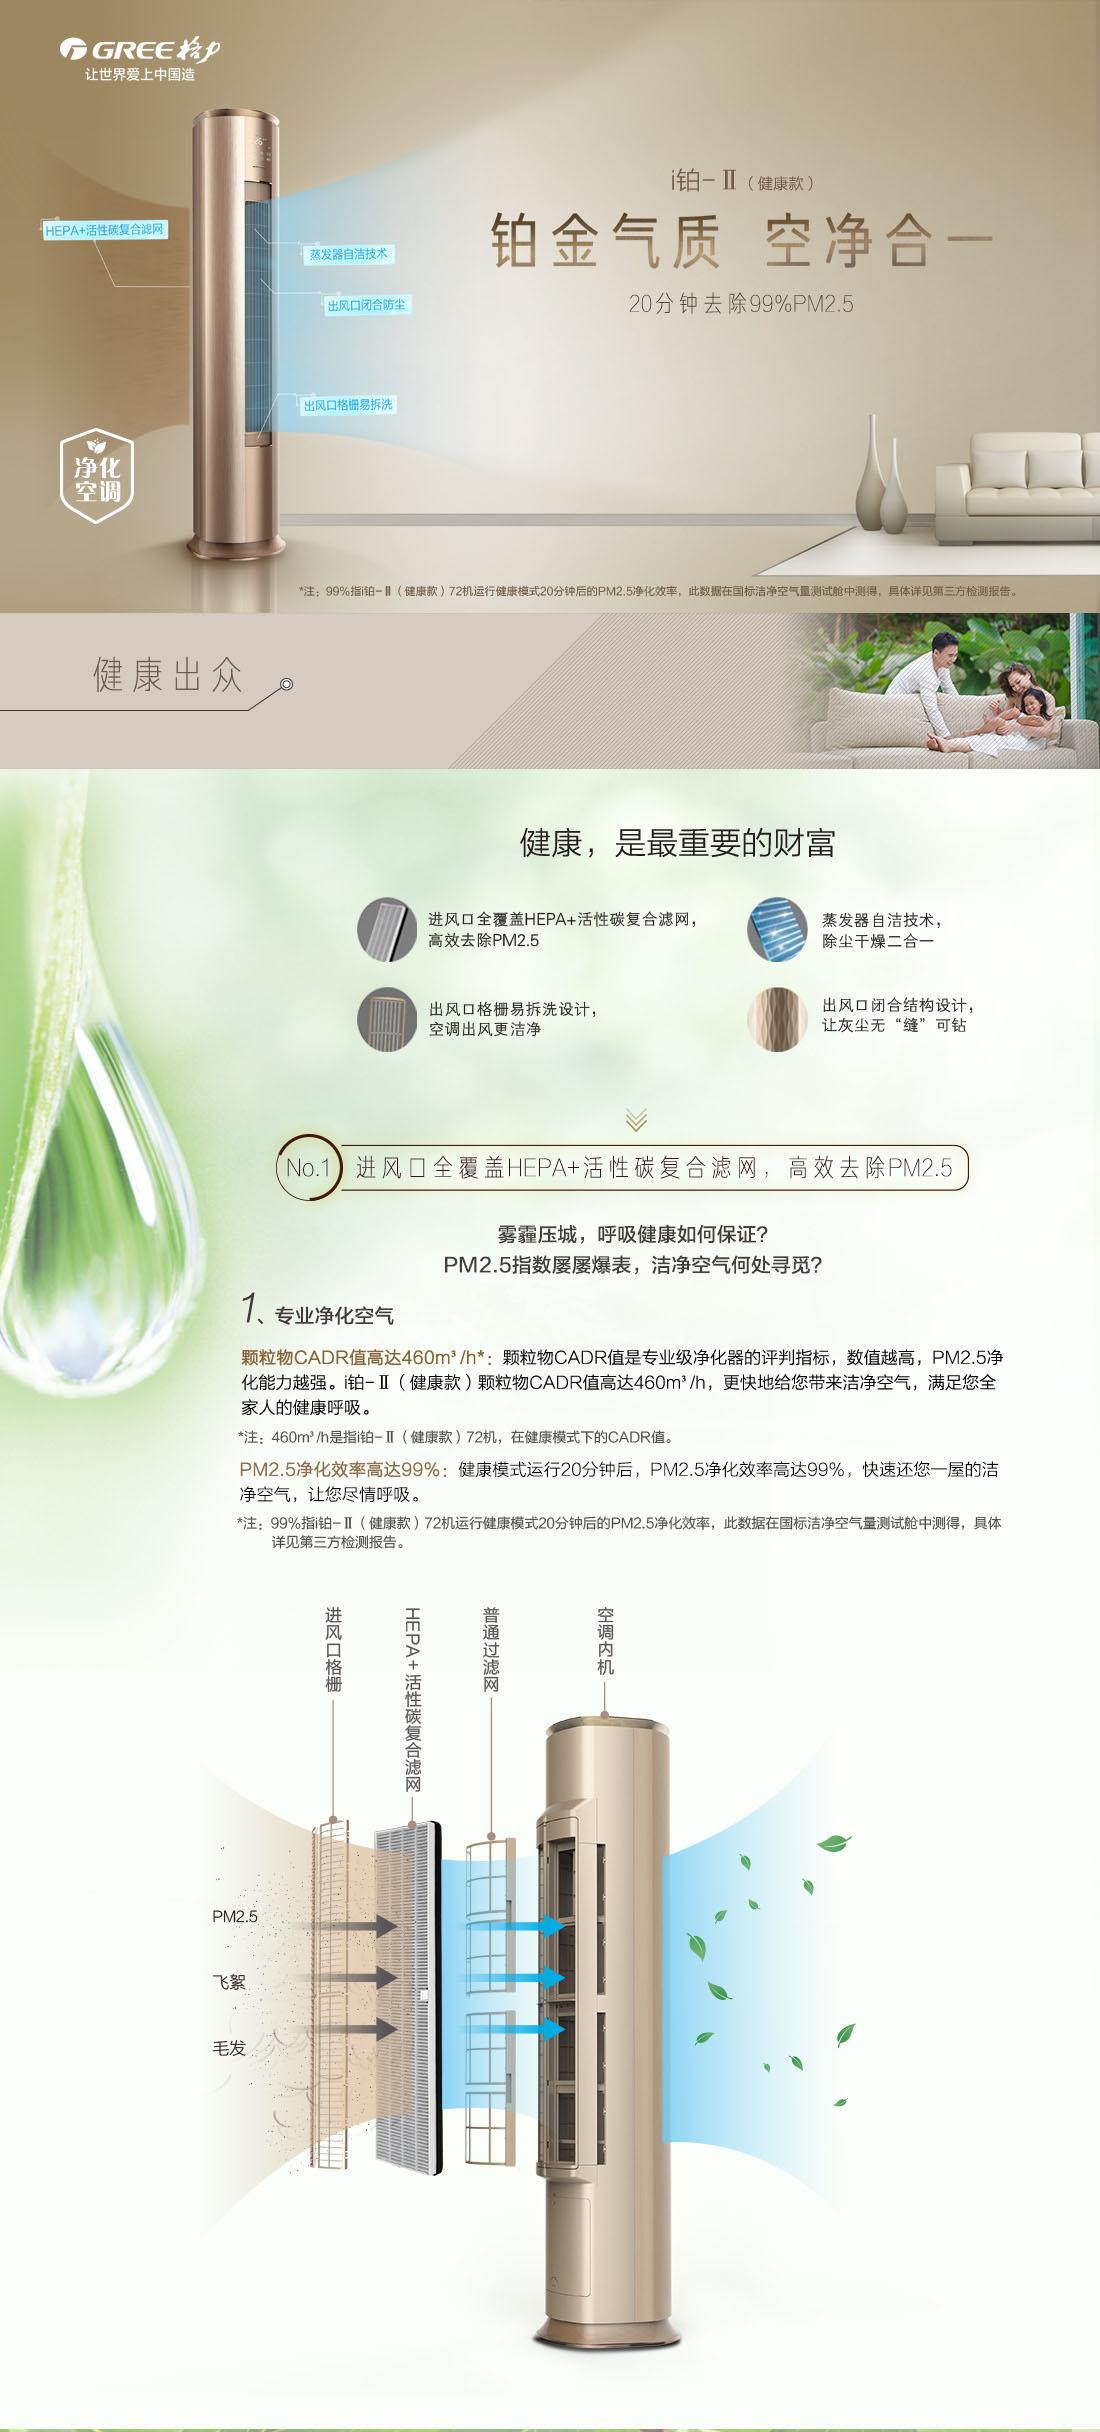 华天家用空调i铂-Ⅱ健康款